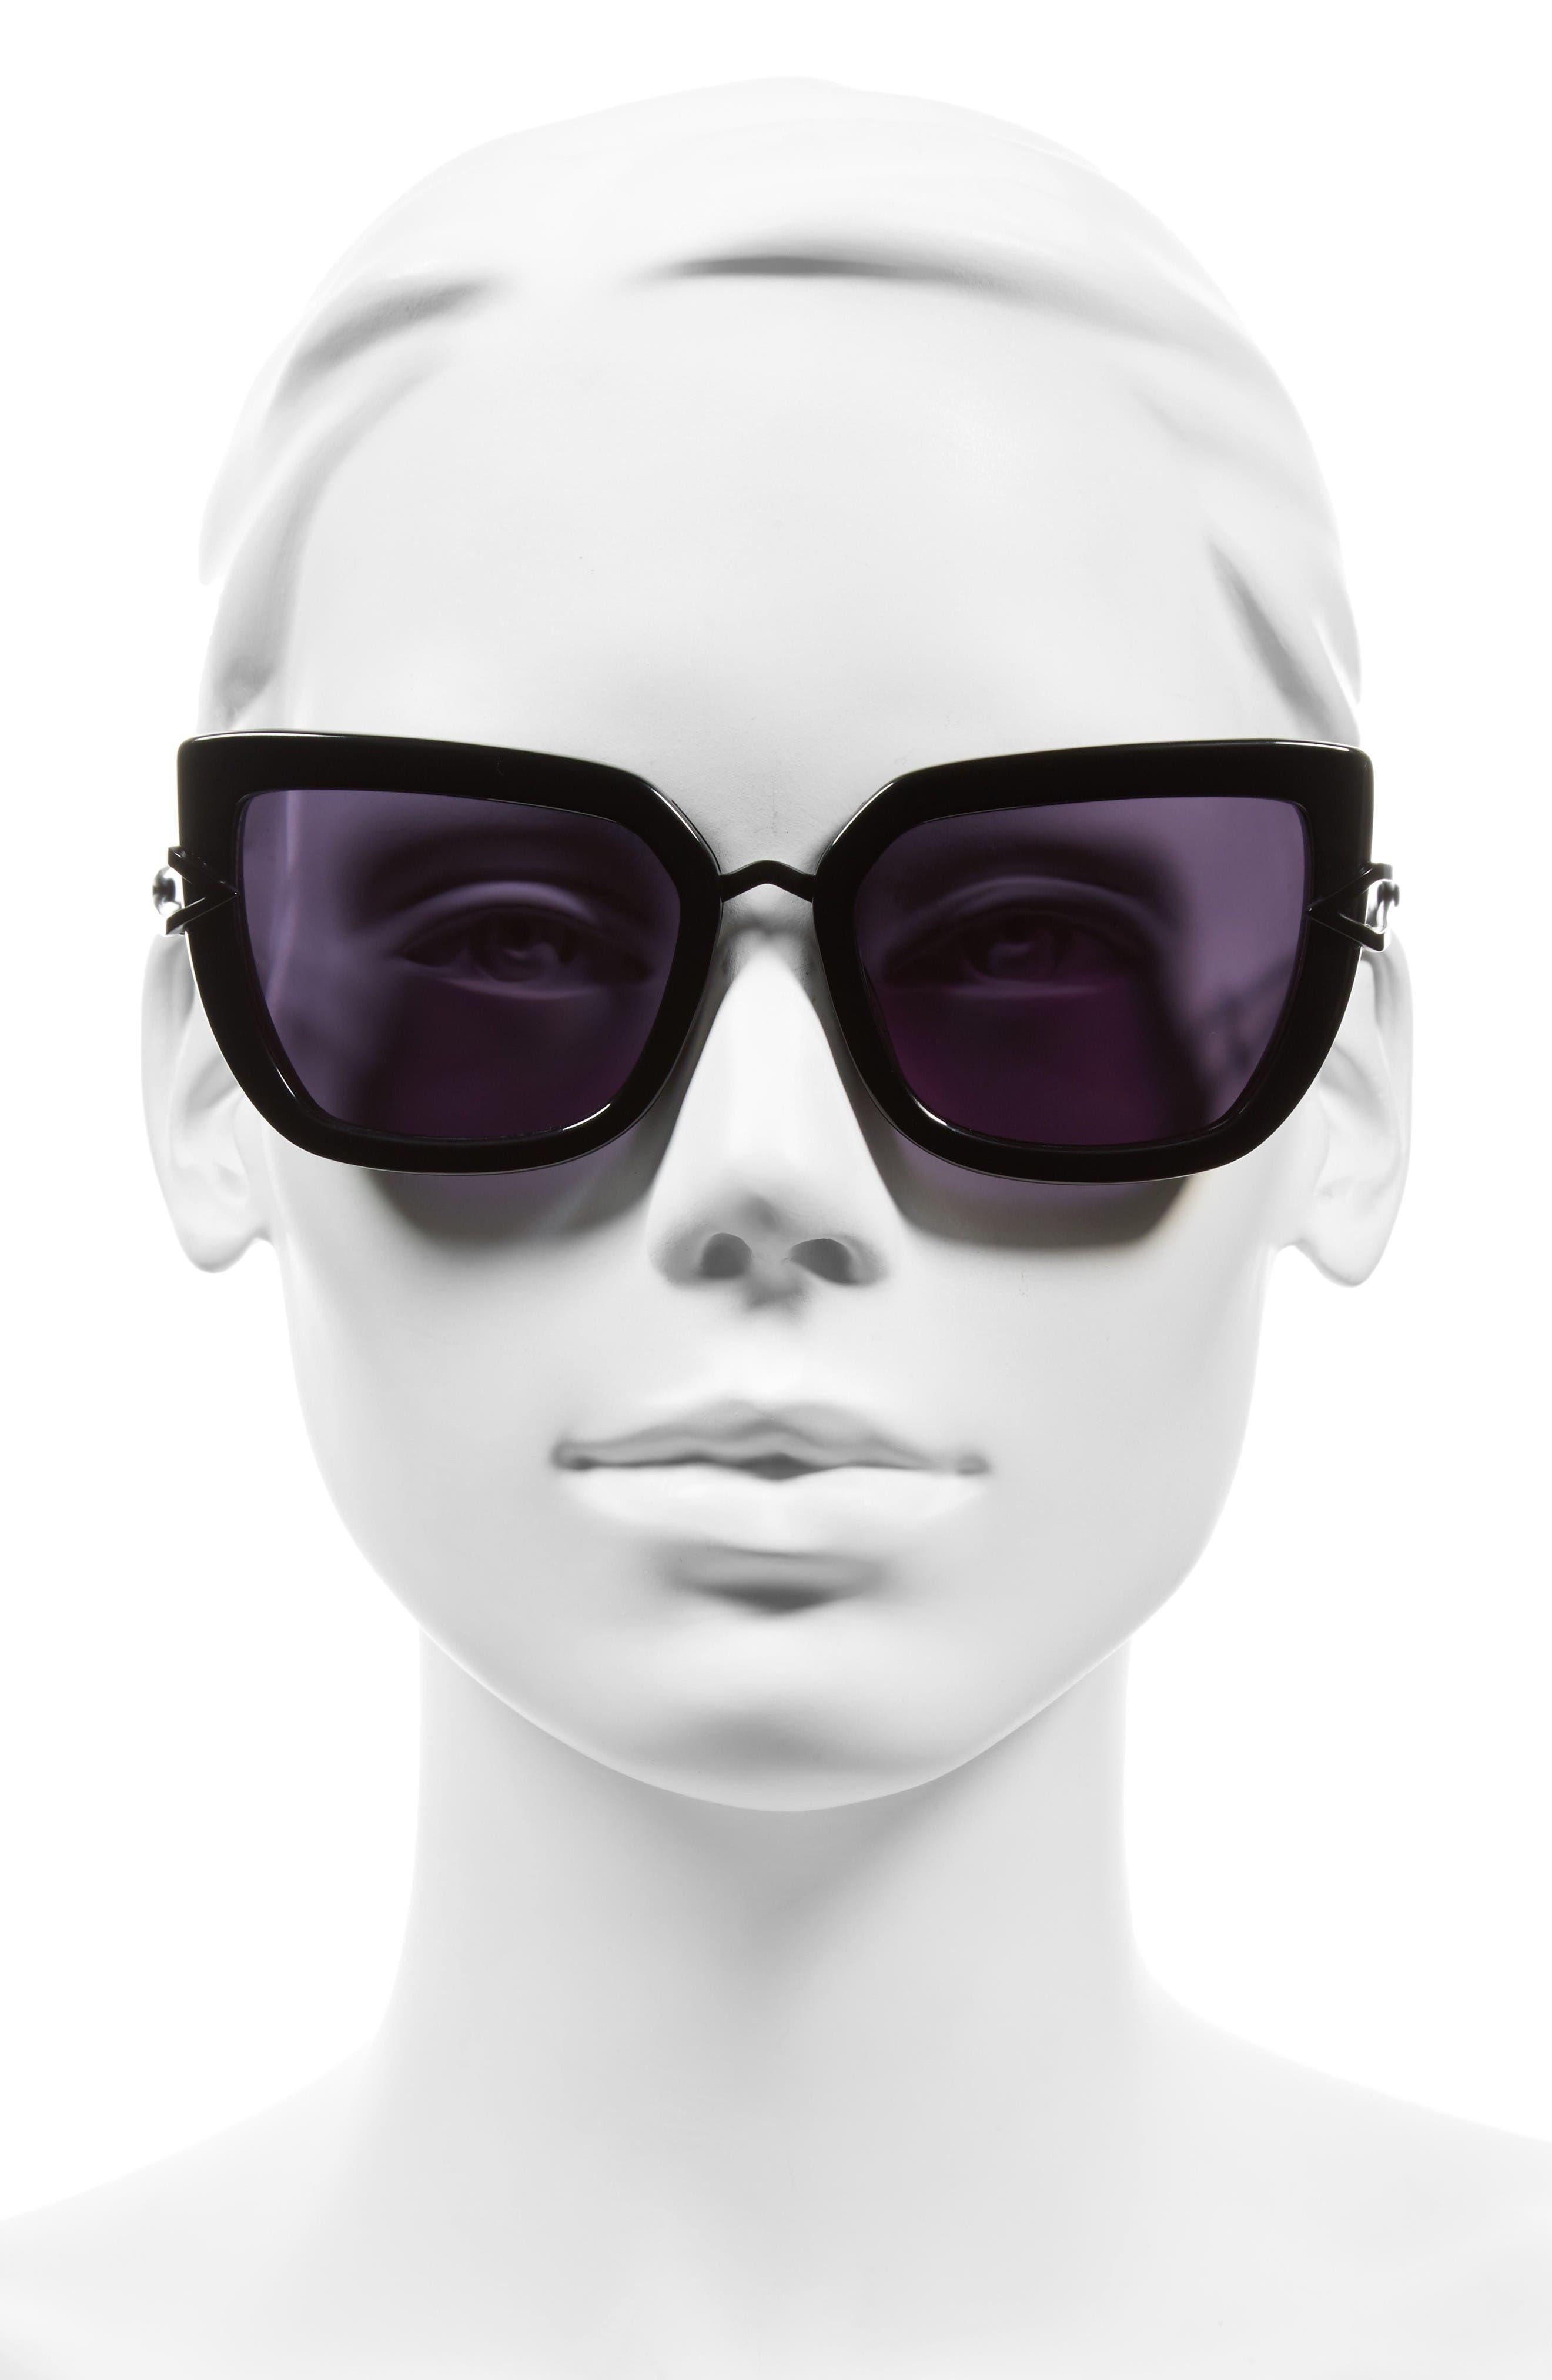 Bianca 56mm Cat Eye Sunglasses,                             Alternate thumbnail 2, color,                             Shiny Black/ Matte Satin Black